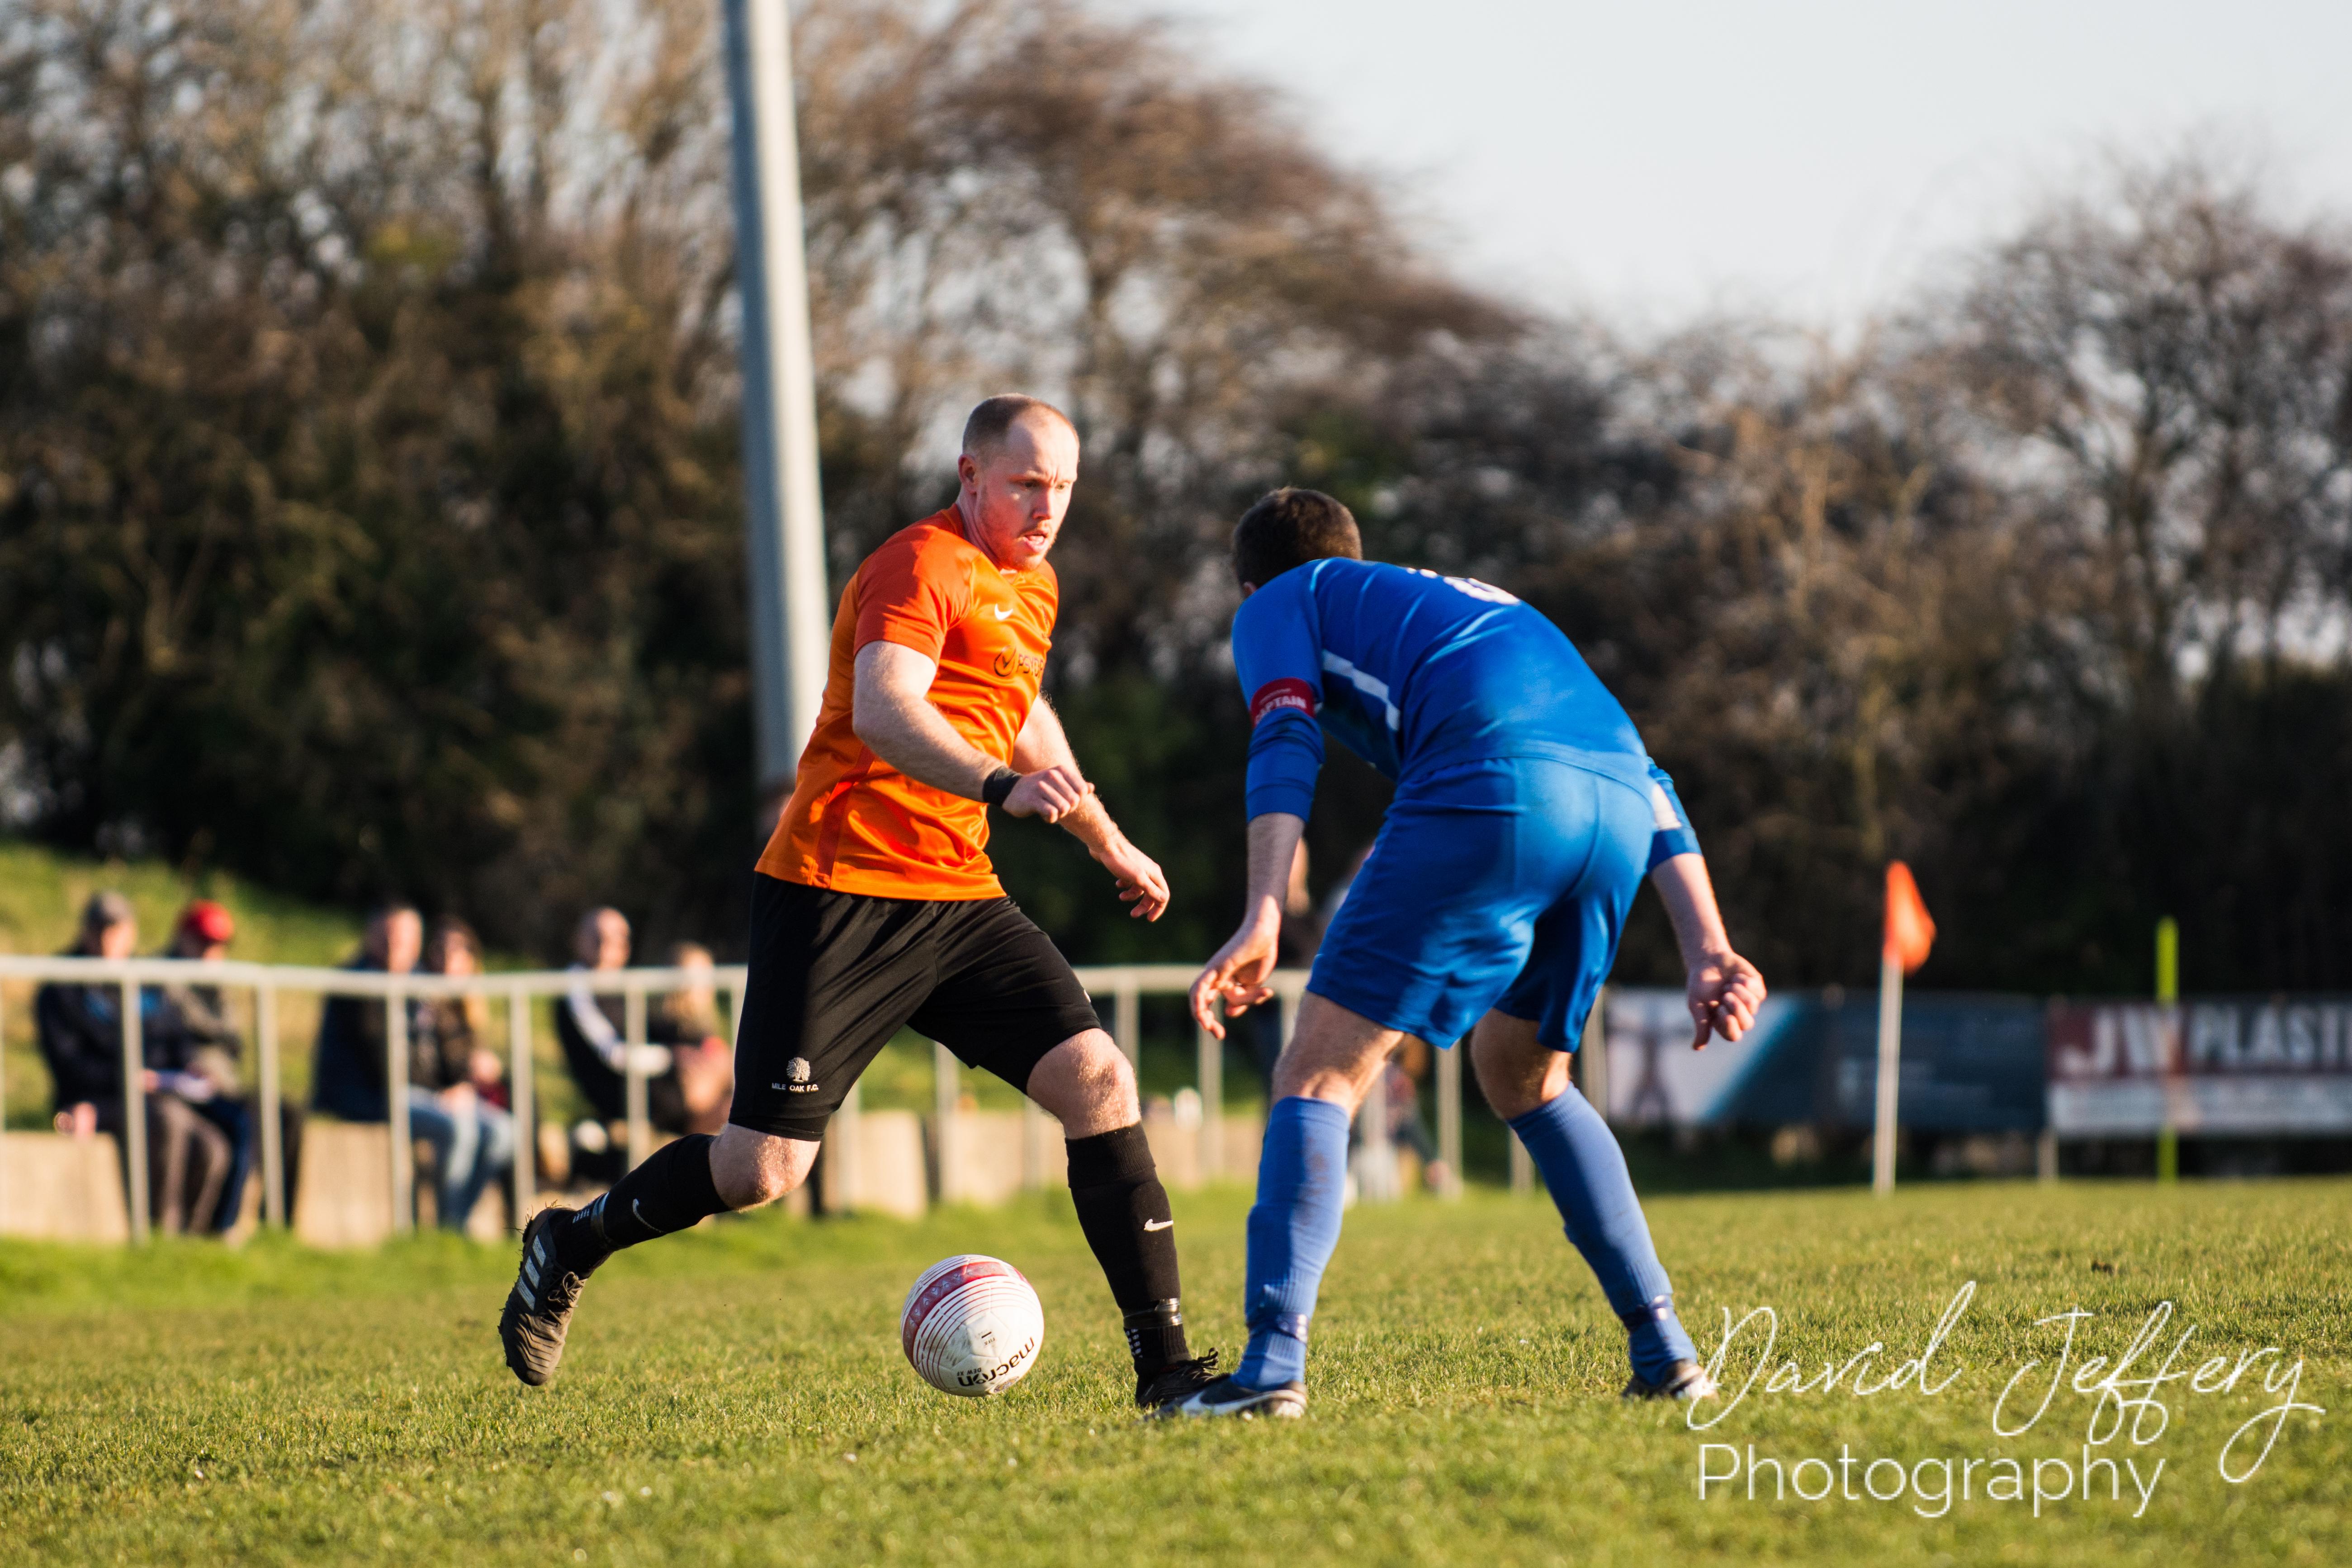 DAVID_JEFFERY MOFC vs Storrington 041